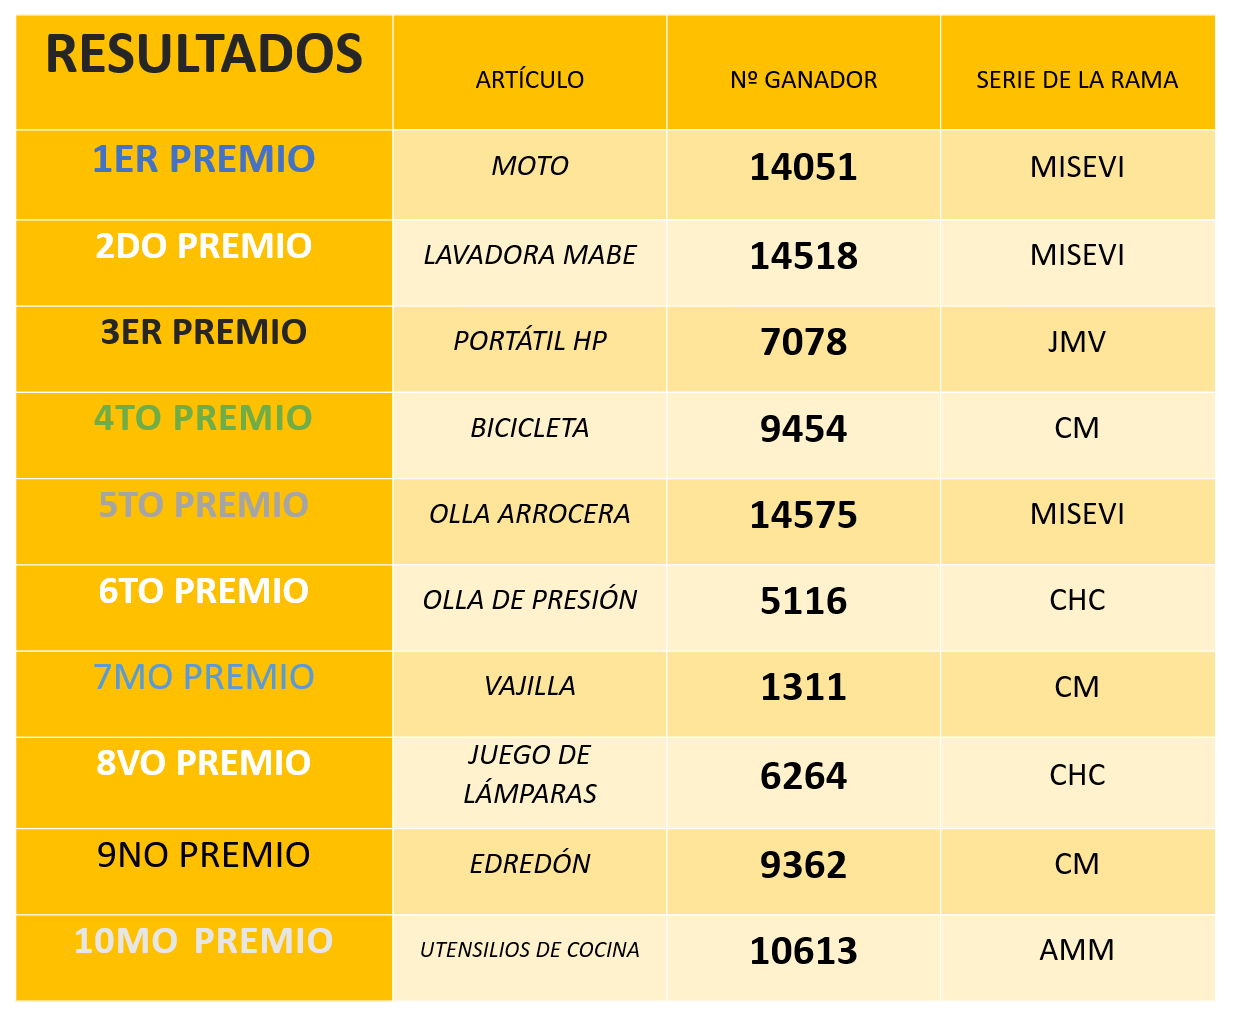 Resultados Rifa 13 Casas Favie Ecuador